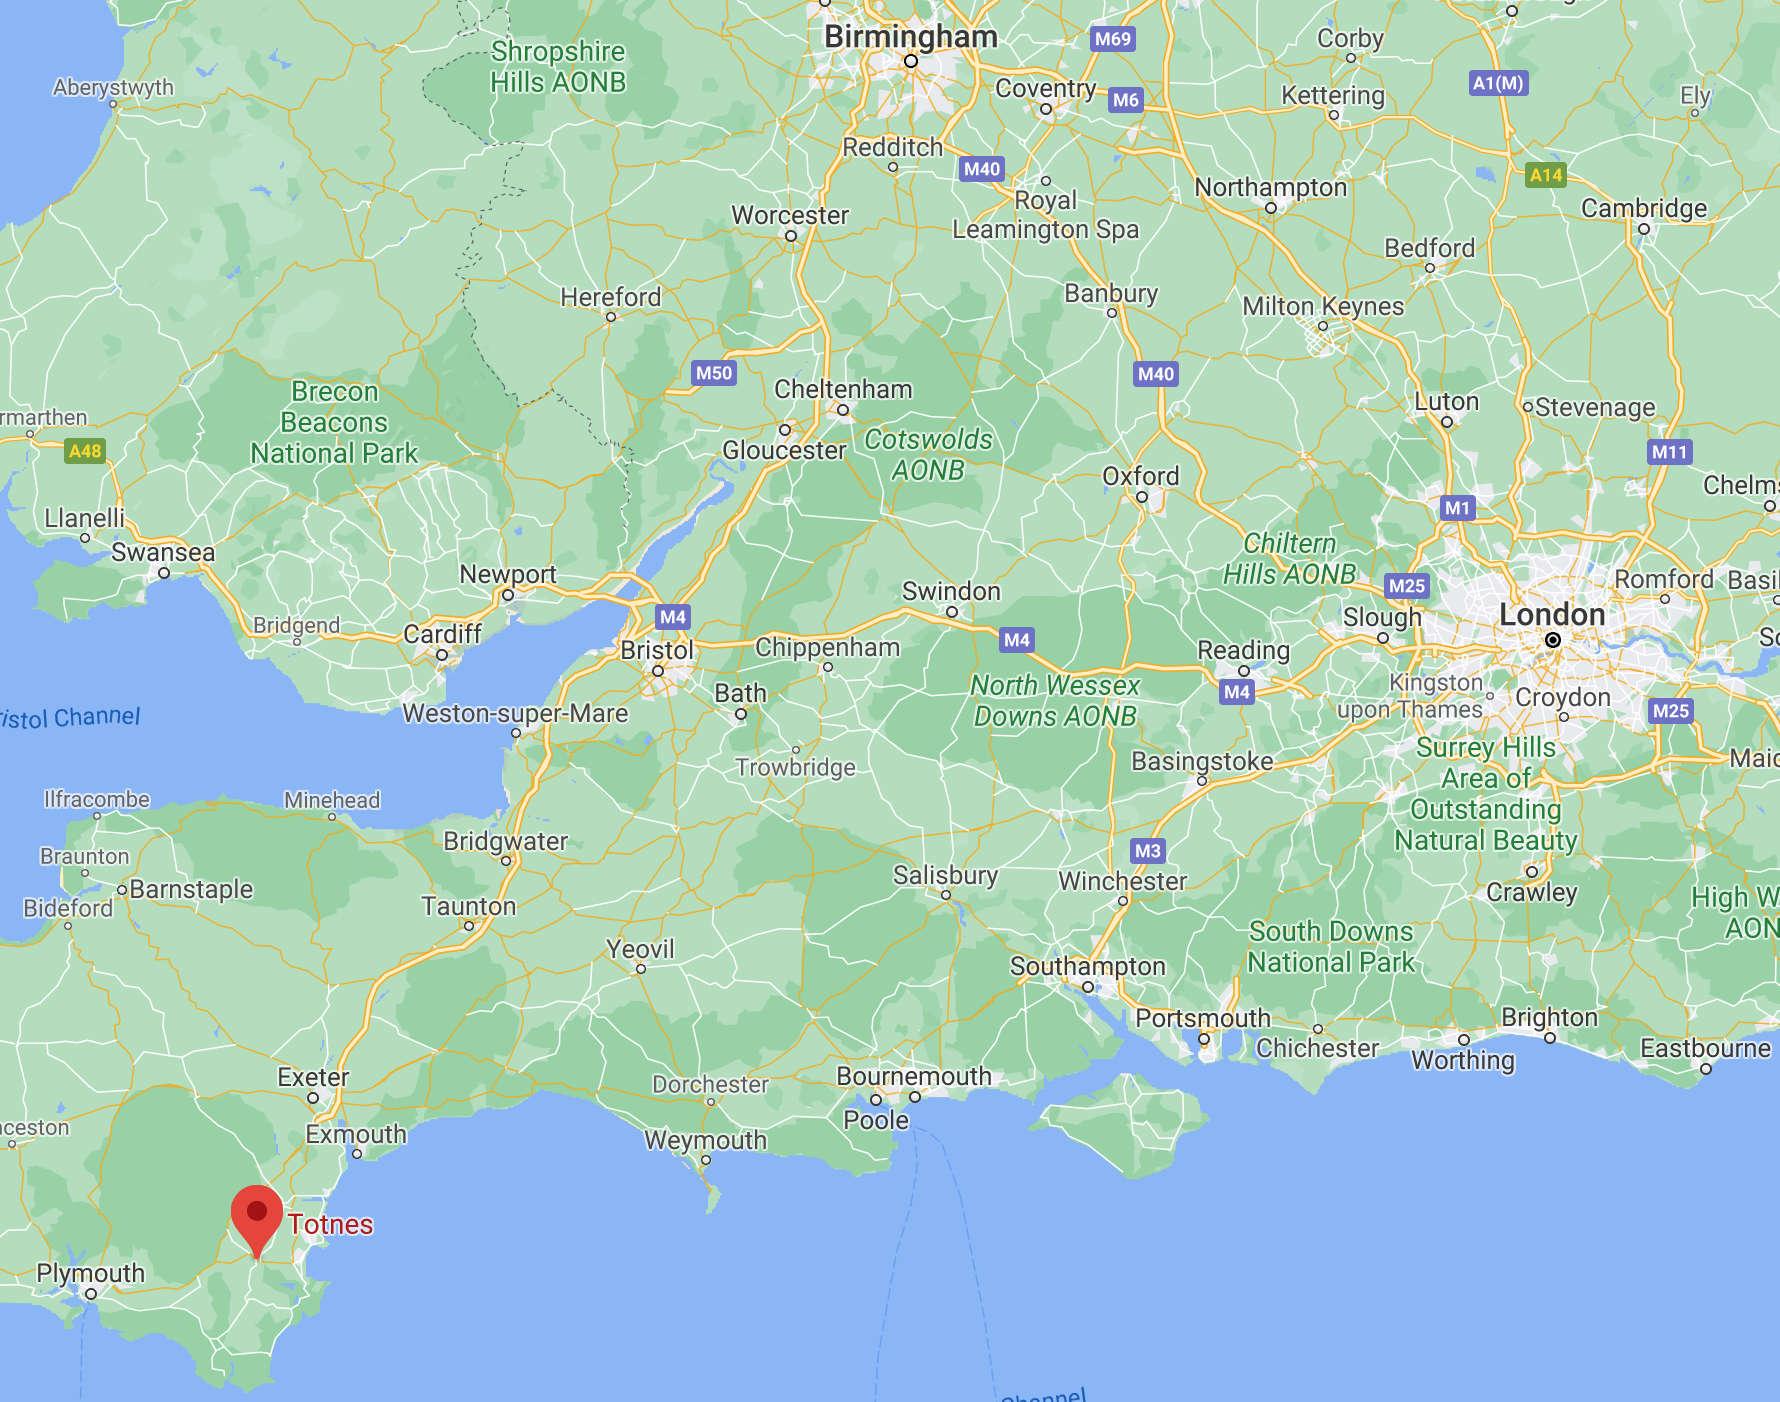 Map Showing Totnes in South Devon